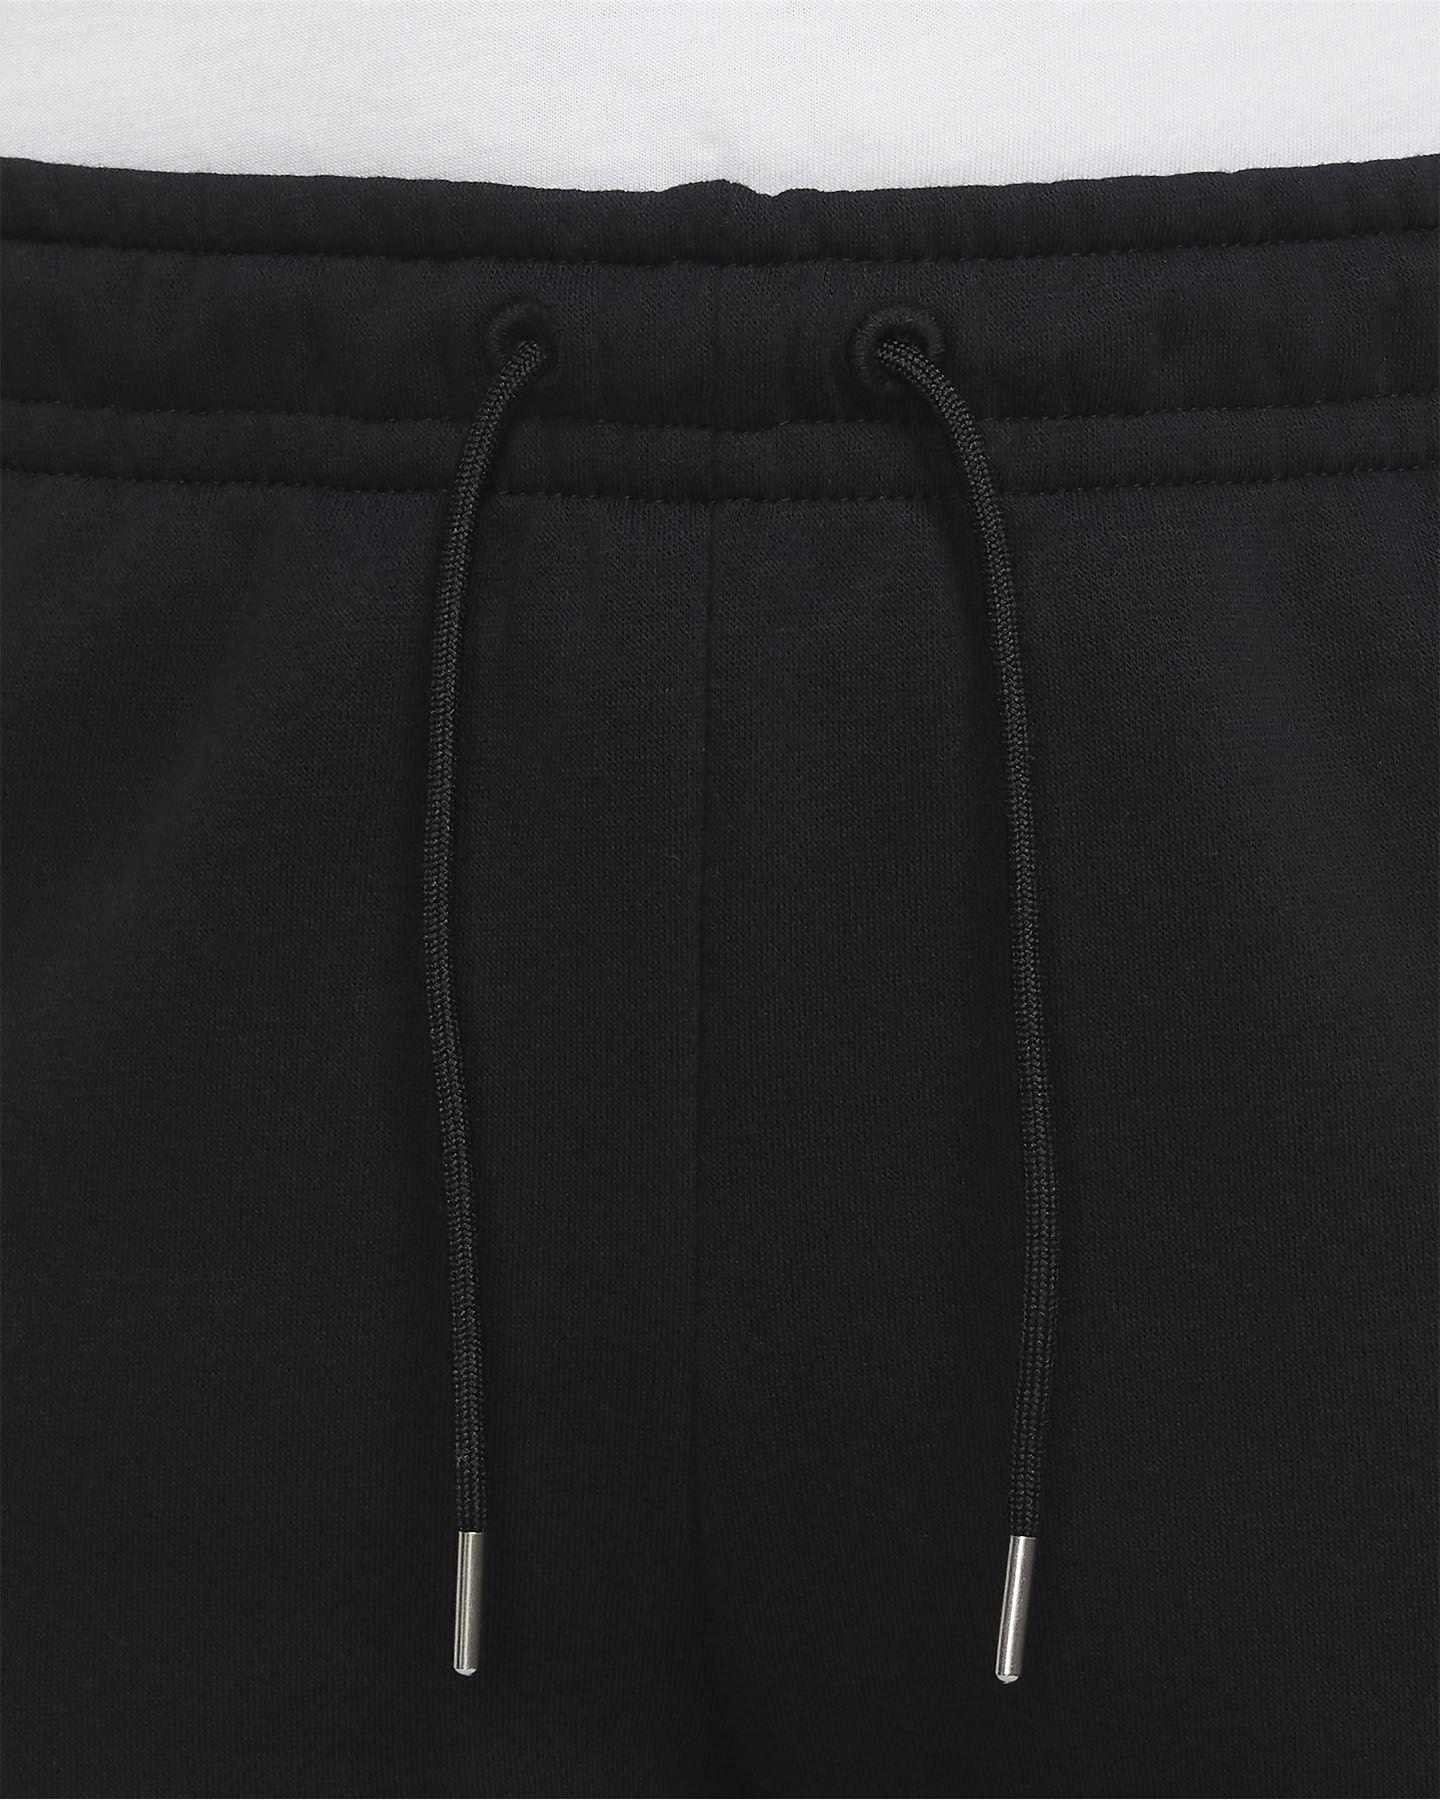 Pantalone NIKE ICON CLASH W S5247393 scatto 3